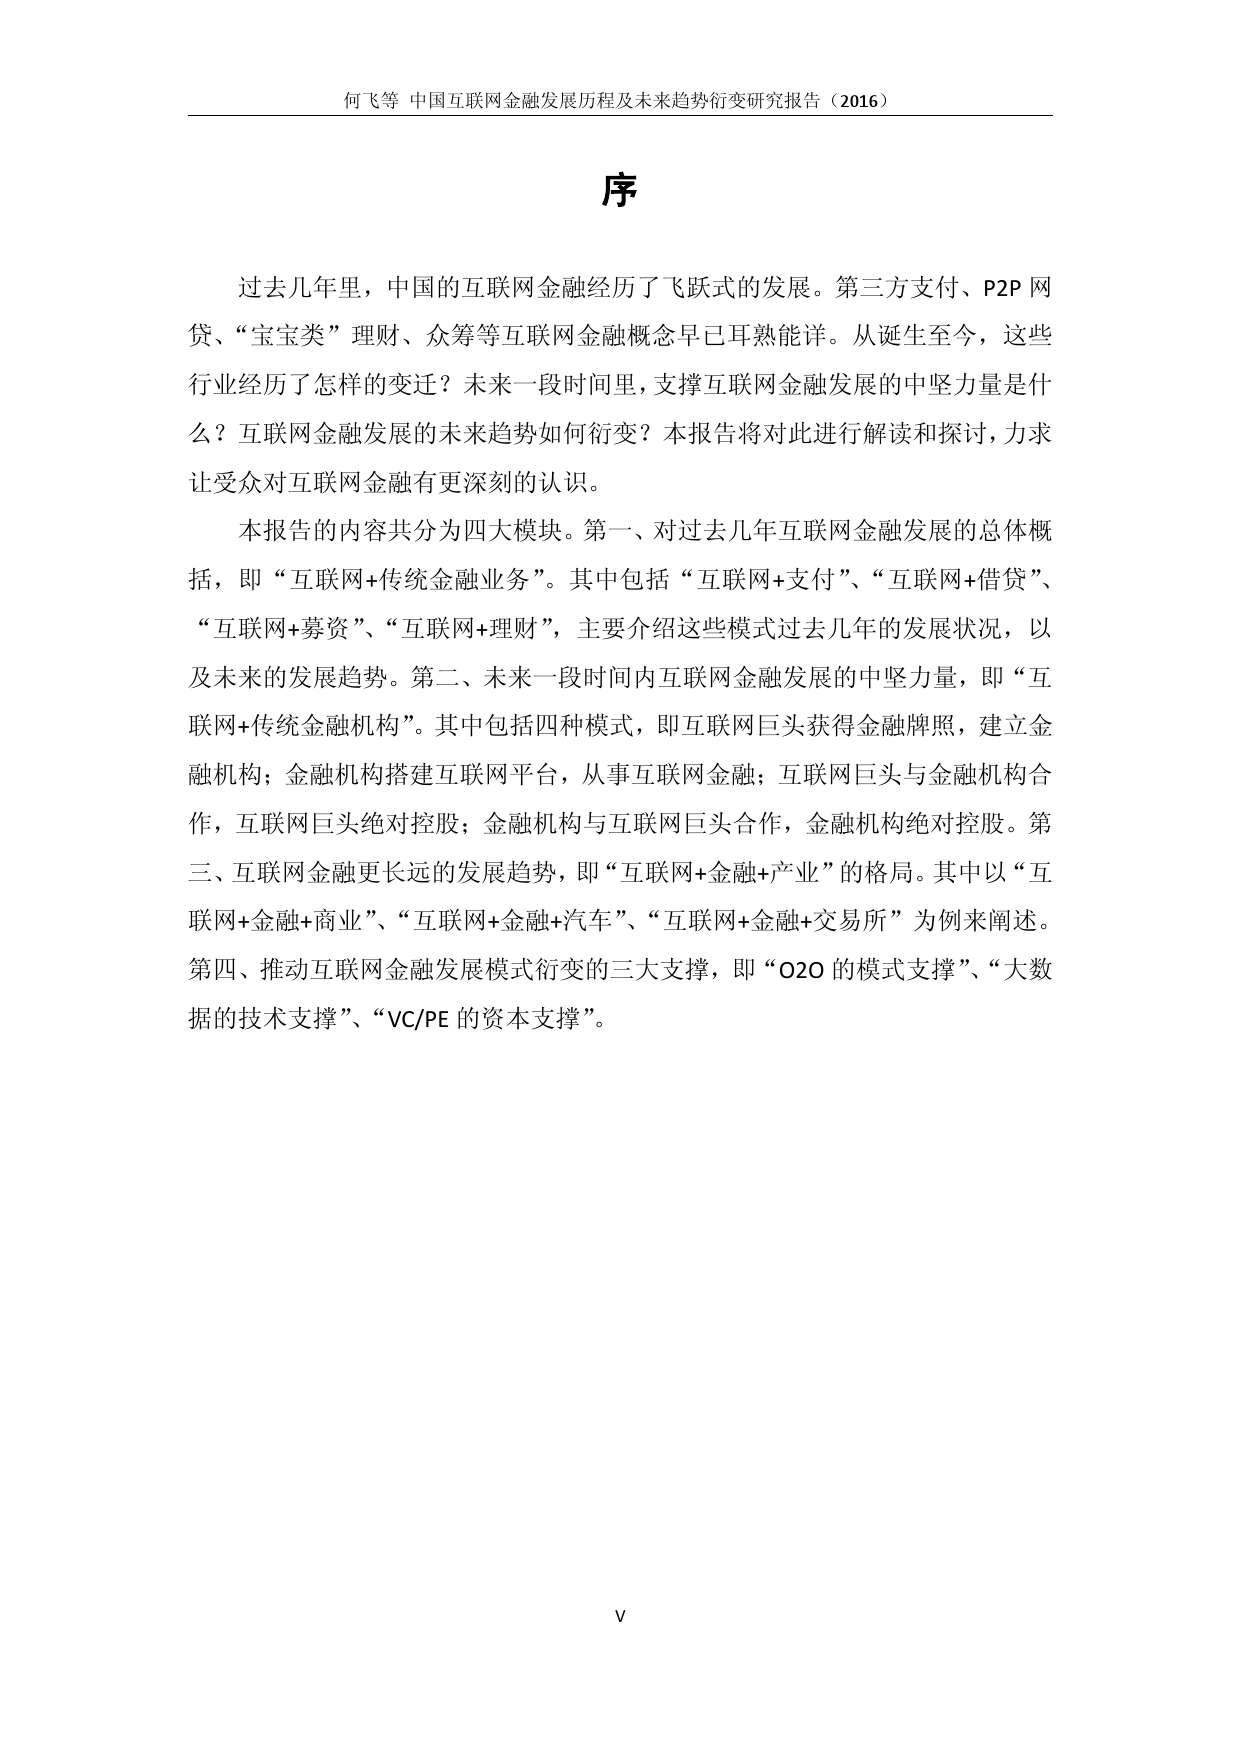 中国互联网金融发展历程及未来趋势衍变研究报告(2016)_000005